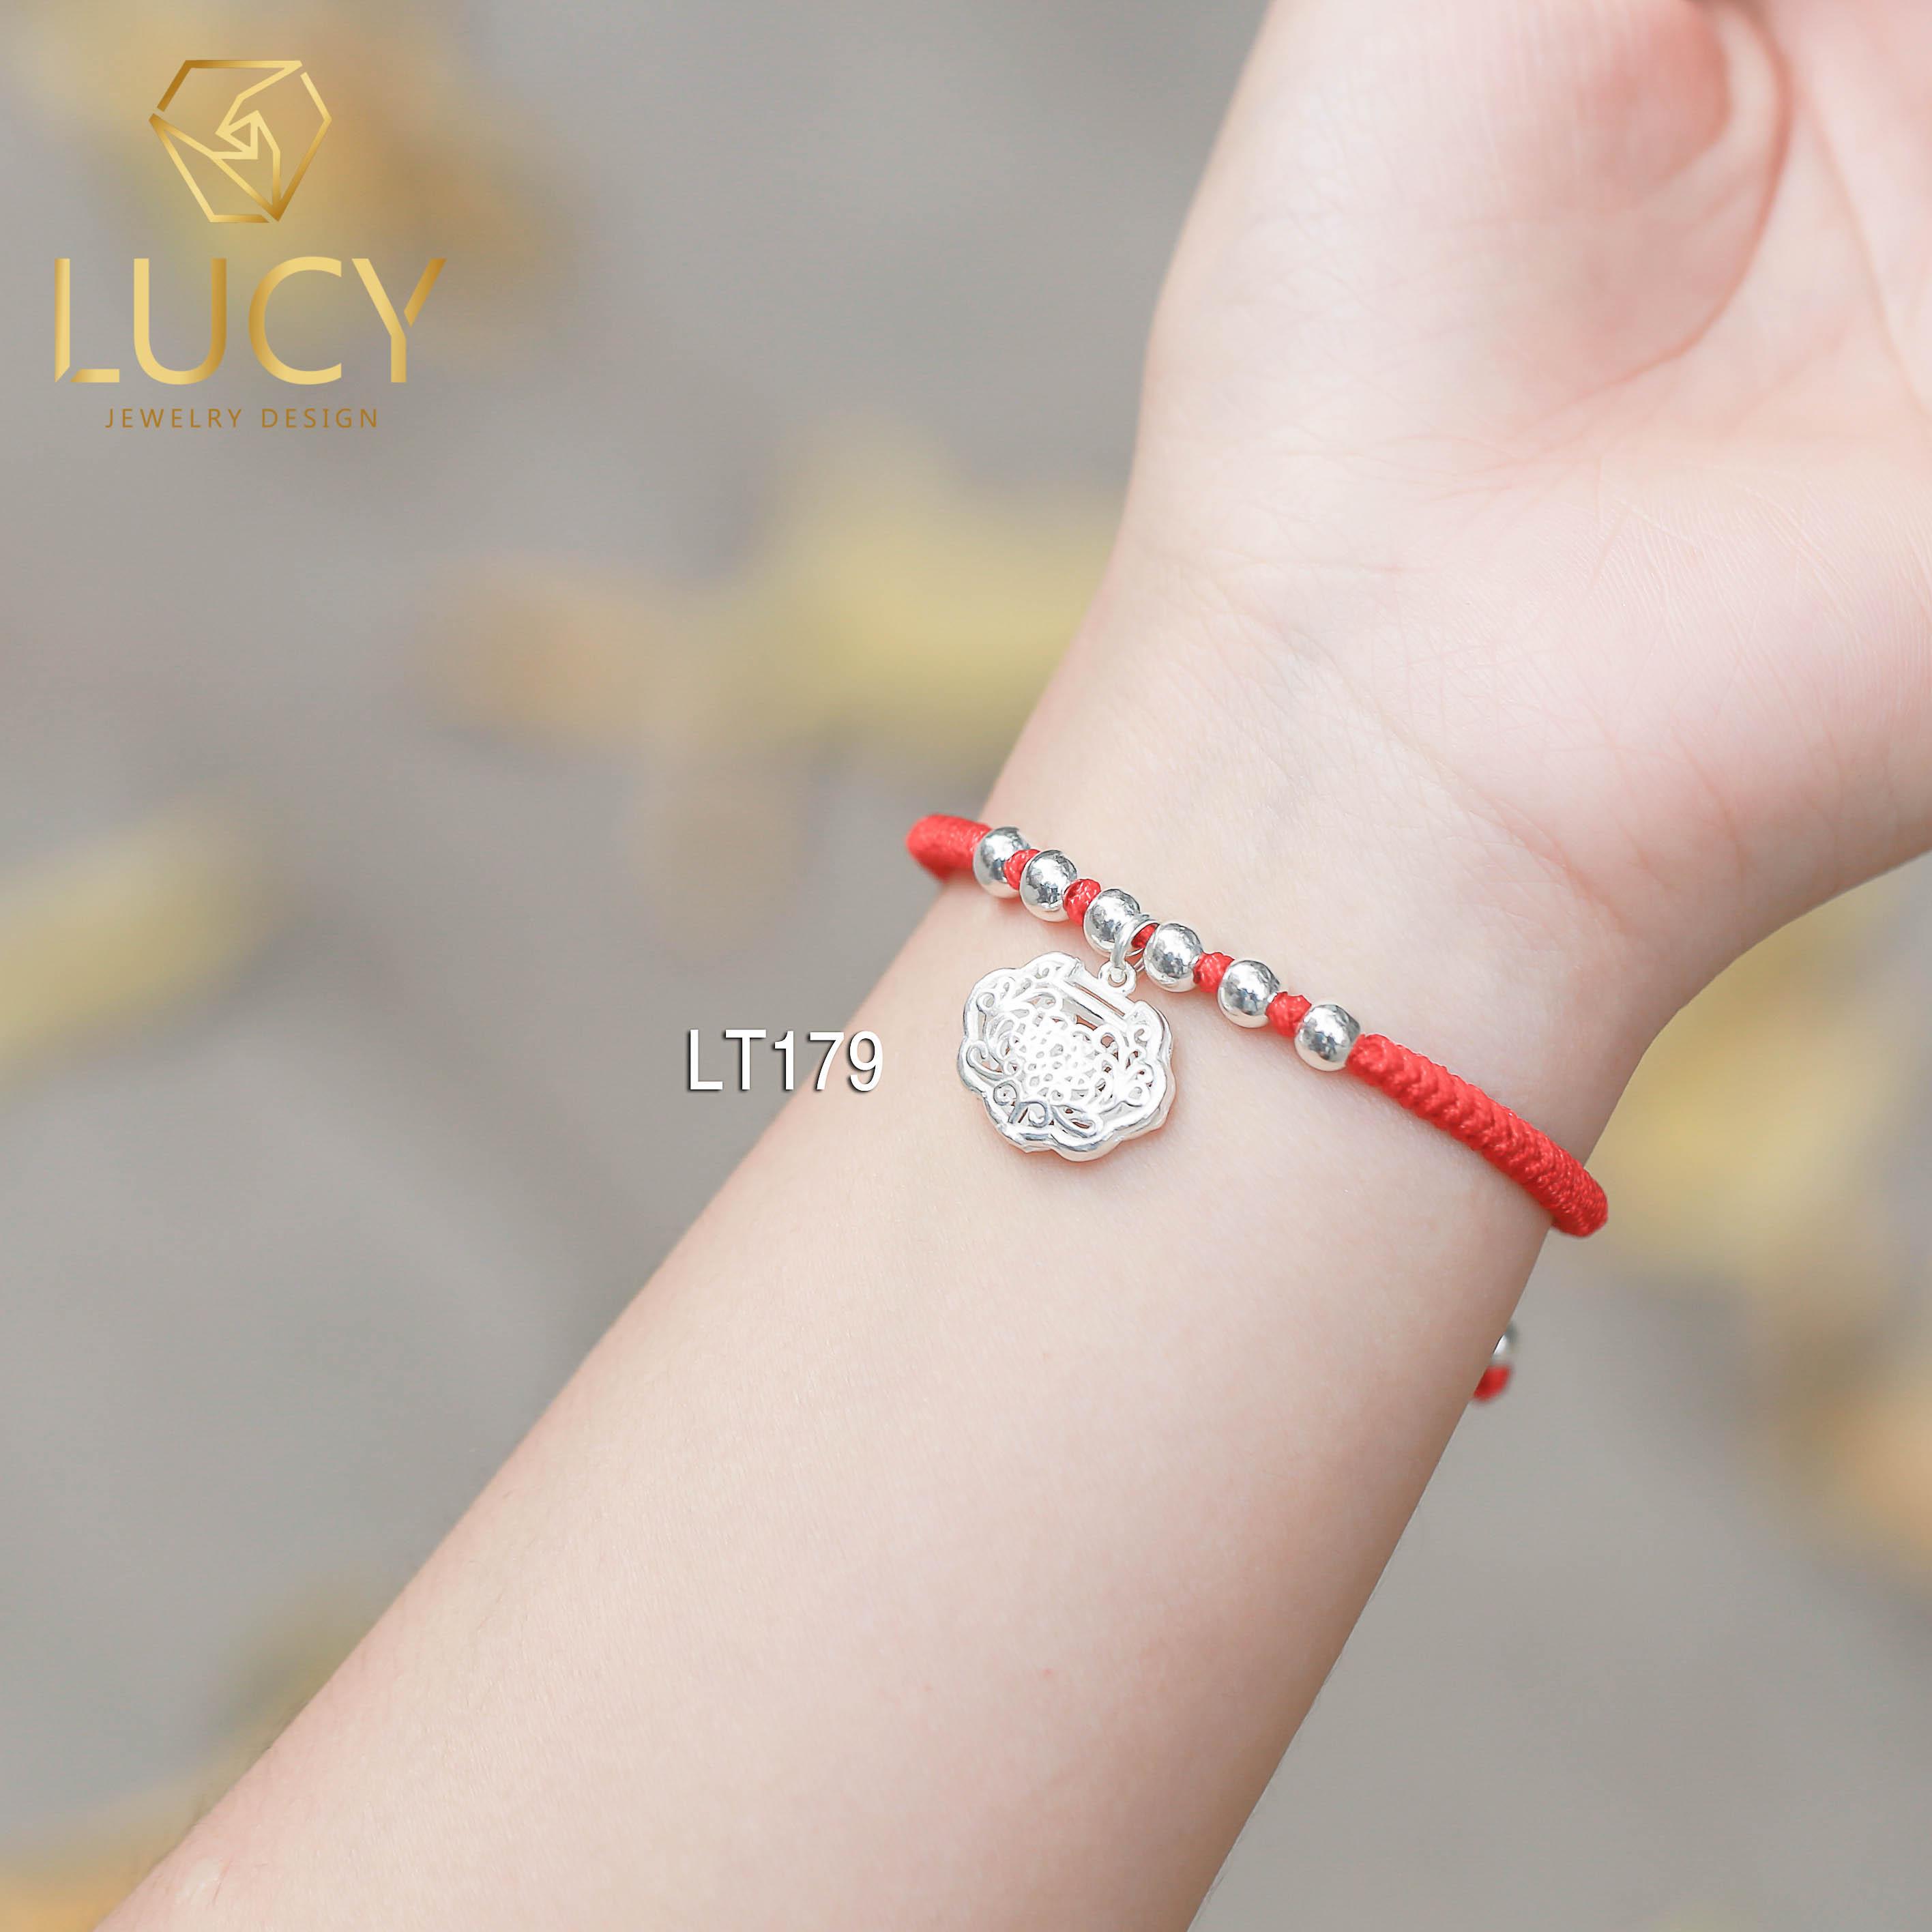 Vòng tay chỉ đỏ charm Trường Thọ  và bi bạc - LT179